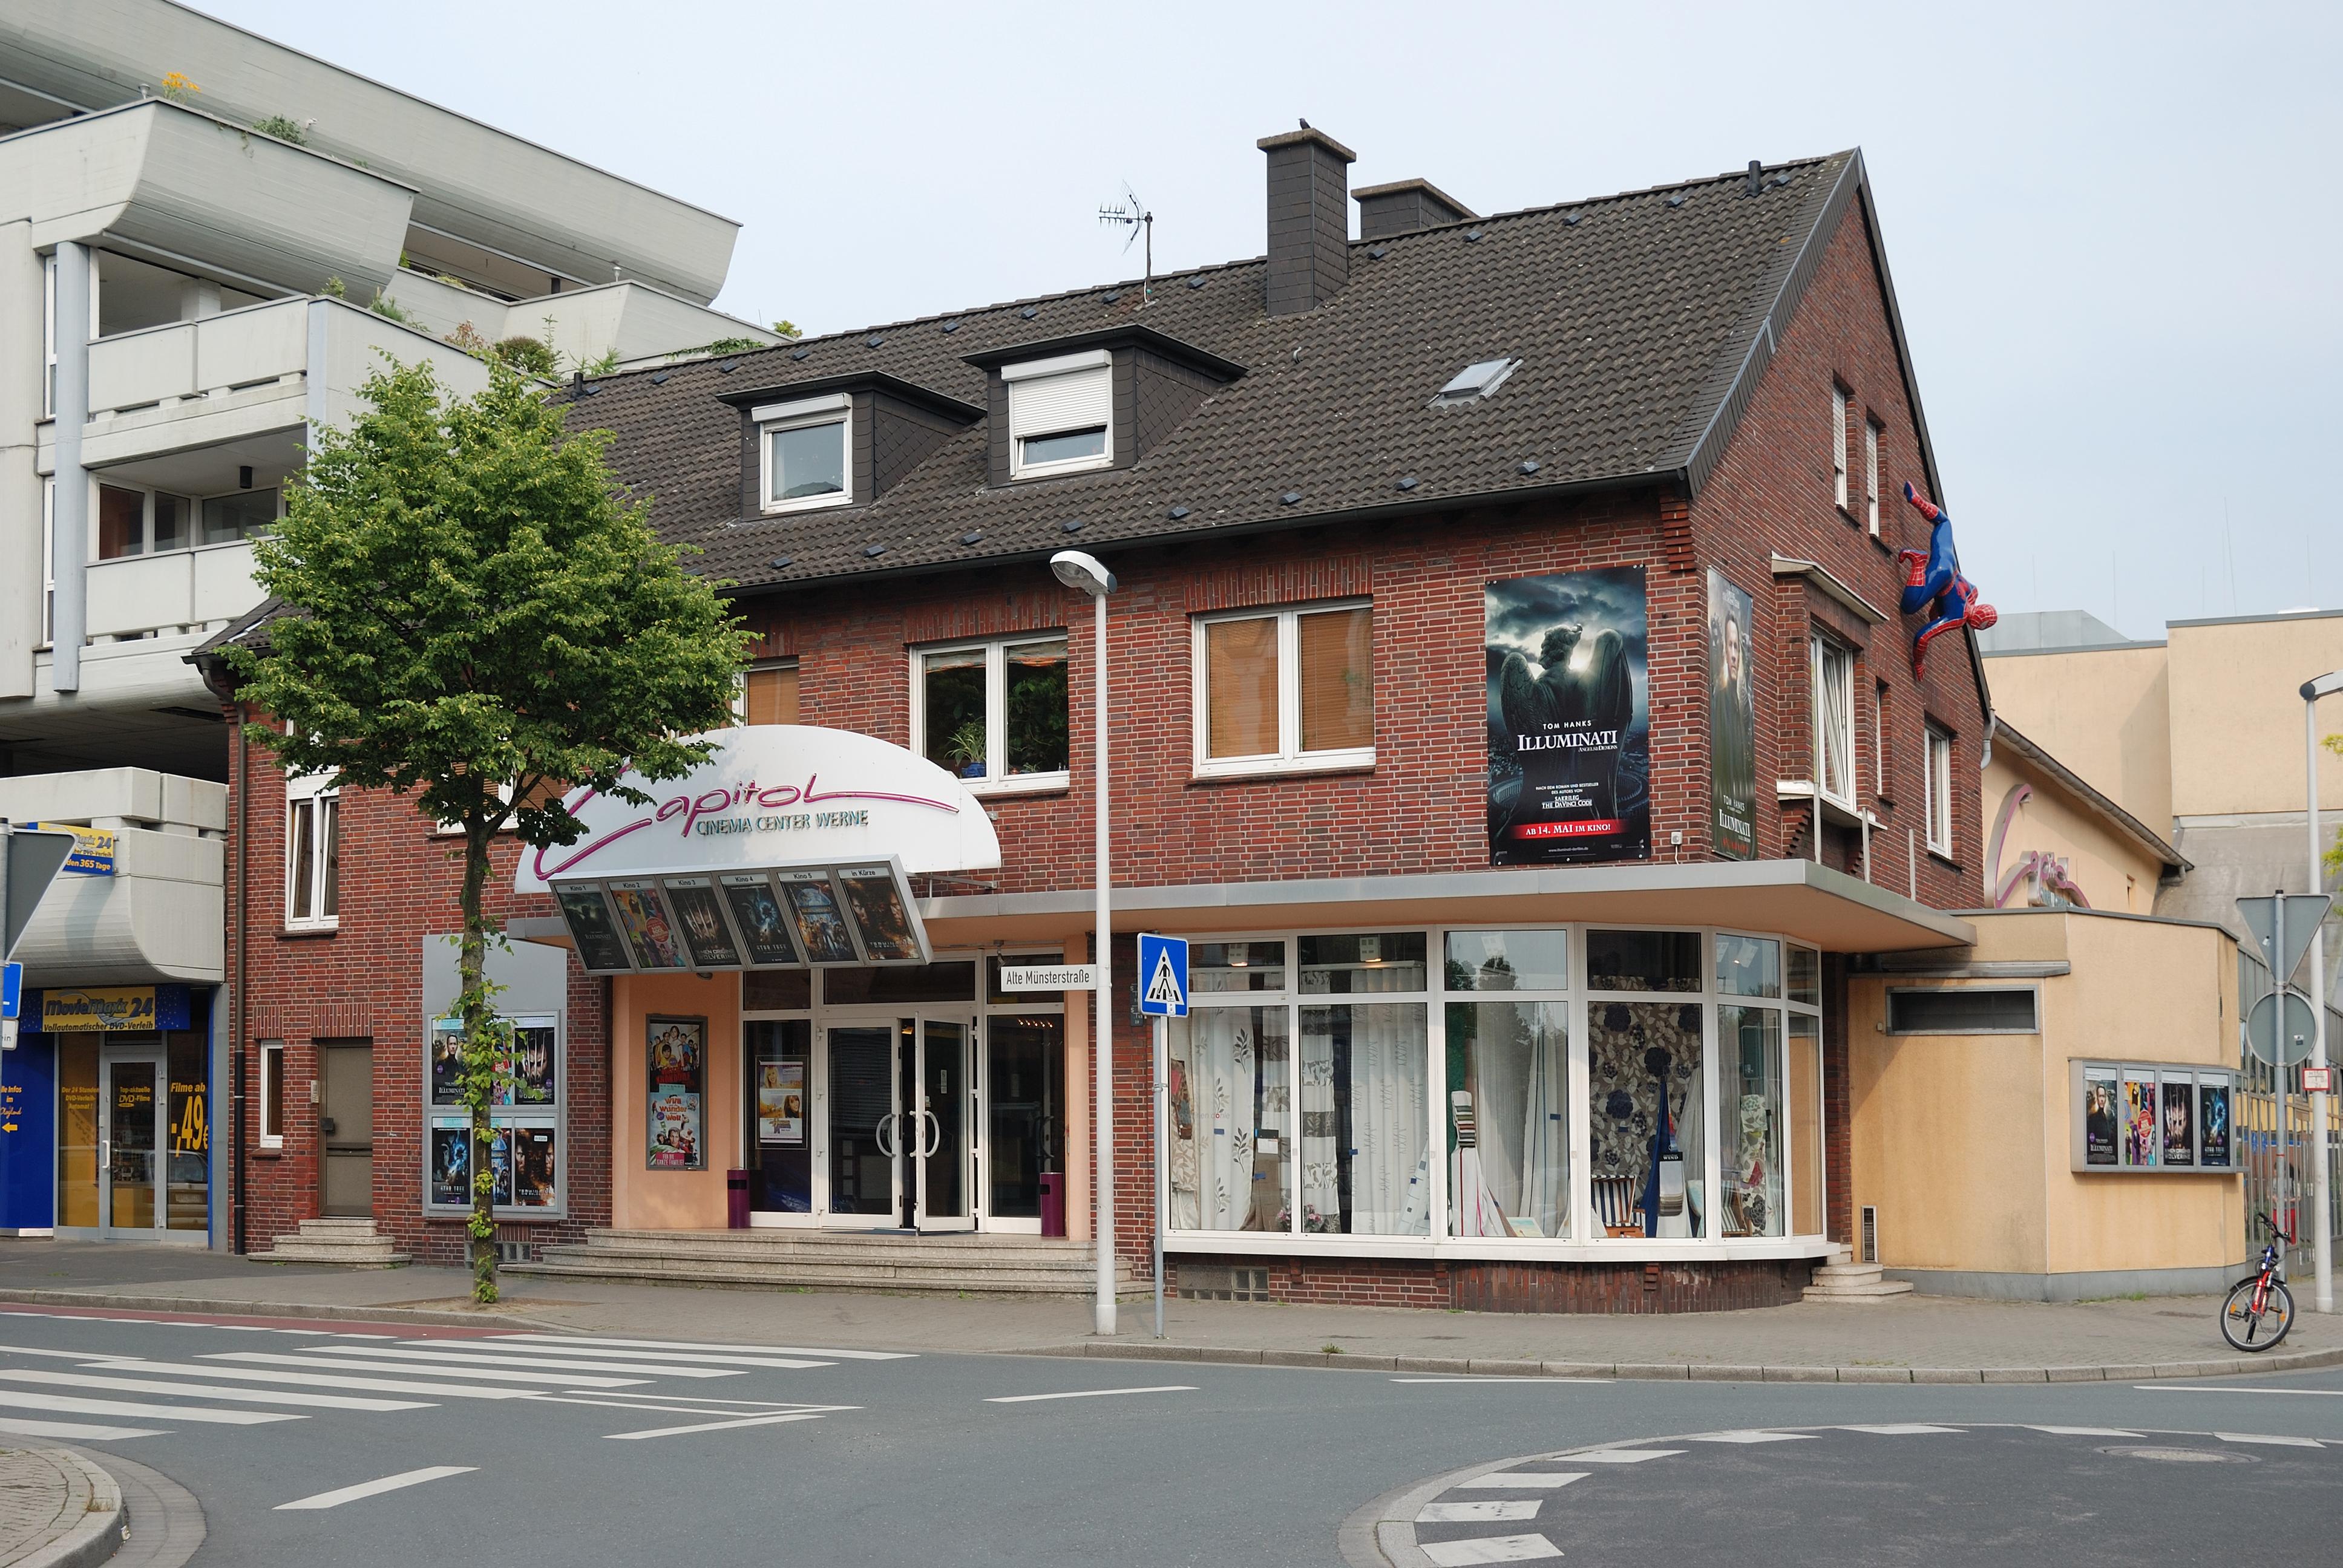 Description Werne 20090522 Kino DSC 7134jpg